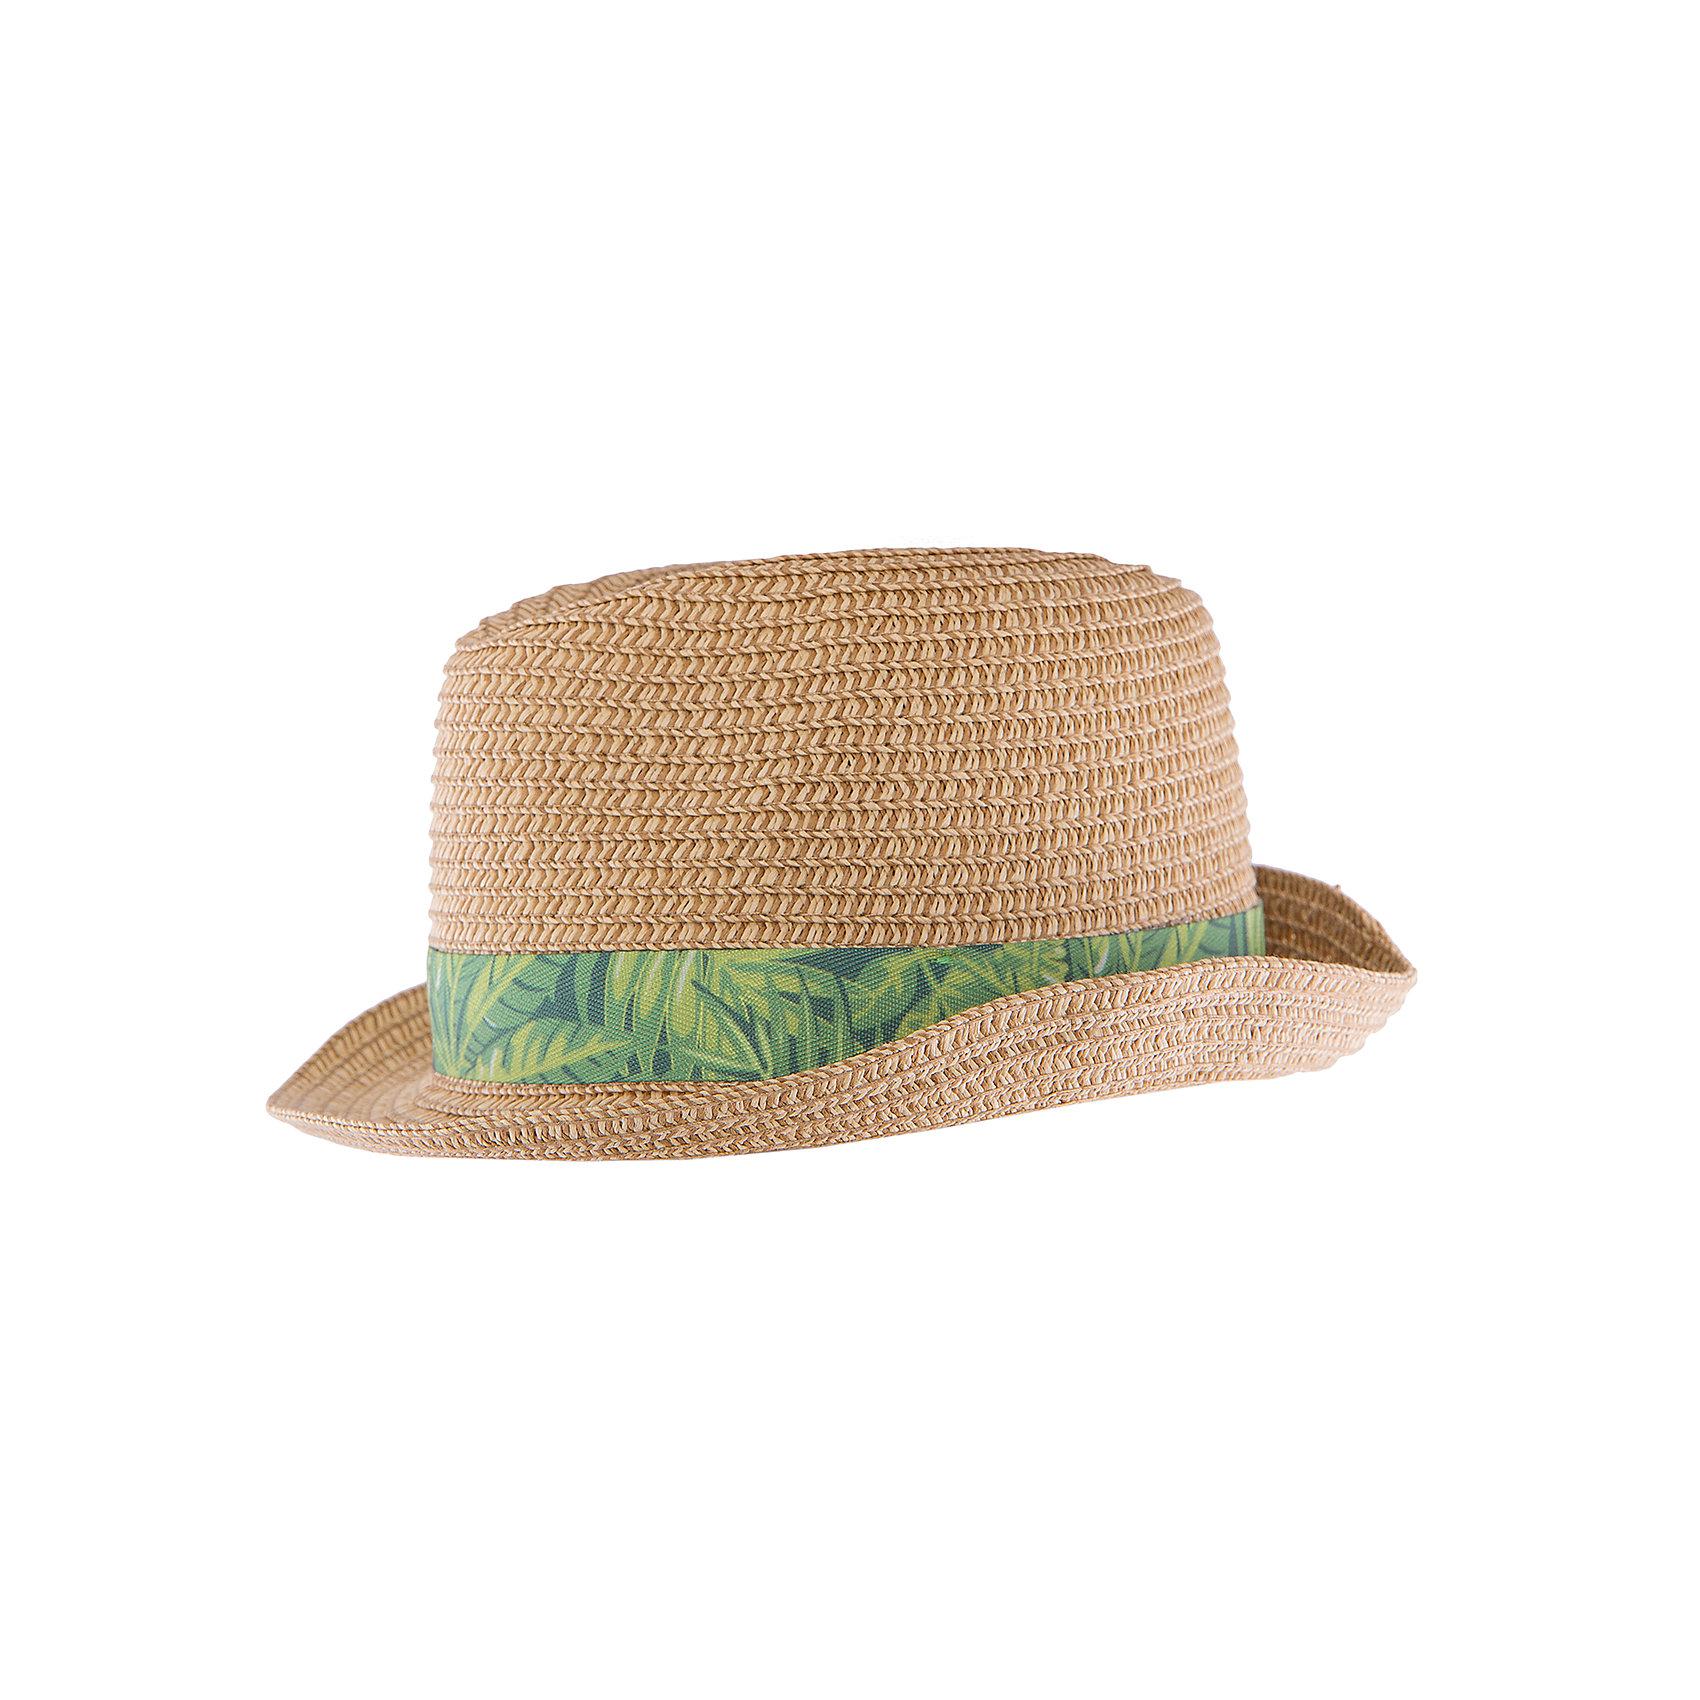 Шляпа для мальчика MayoralШляпа для мальчика от известной марки Mayoral<br><br>Удобная шляпа дополнит образ мальчика и убережет голову ребенка от перегрева в новом весенне-летнем сезоне. Эта модель разработала специально для мальчишек. Сделана она из легкого, но прочного материала, украшена яркой текстильной полоской.<br><br>Особенности модели:<br><br>- цвет: коричневый;<br>- ткань зеленая с принтом;<br>- легкий материал;<br>- классическая форма;<br>- глубокая посадка.<br><br>Дополнительная информация:<br><br>Состав: 100% бумага<br> <br>Шапку для мальчика от Mayoral (Майорал) можно купить в нашем магазине.<br><br>Ширина мм: 89<br>Глубина мм: 117<br>Высота мм: 44<br>Вес г: 155<br>Цвет: бежевый<br>Возраст от месяцев: 72<br>Возраст до месяцев: 84<br>Пол: Мужской<br>Возраст: Детский<br>Размер: 54,50,52<br>SKU: 4539203